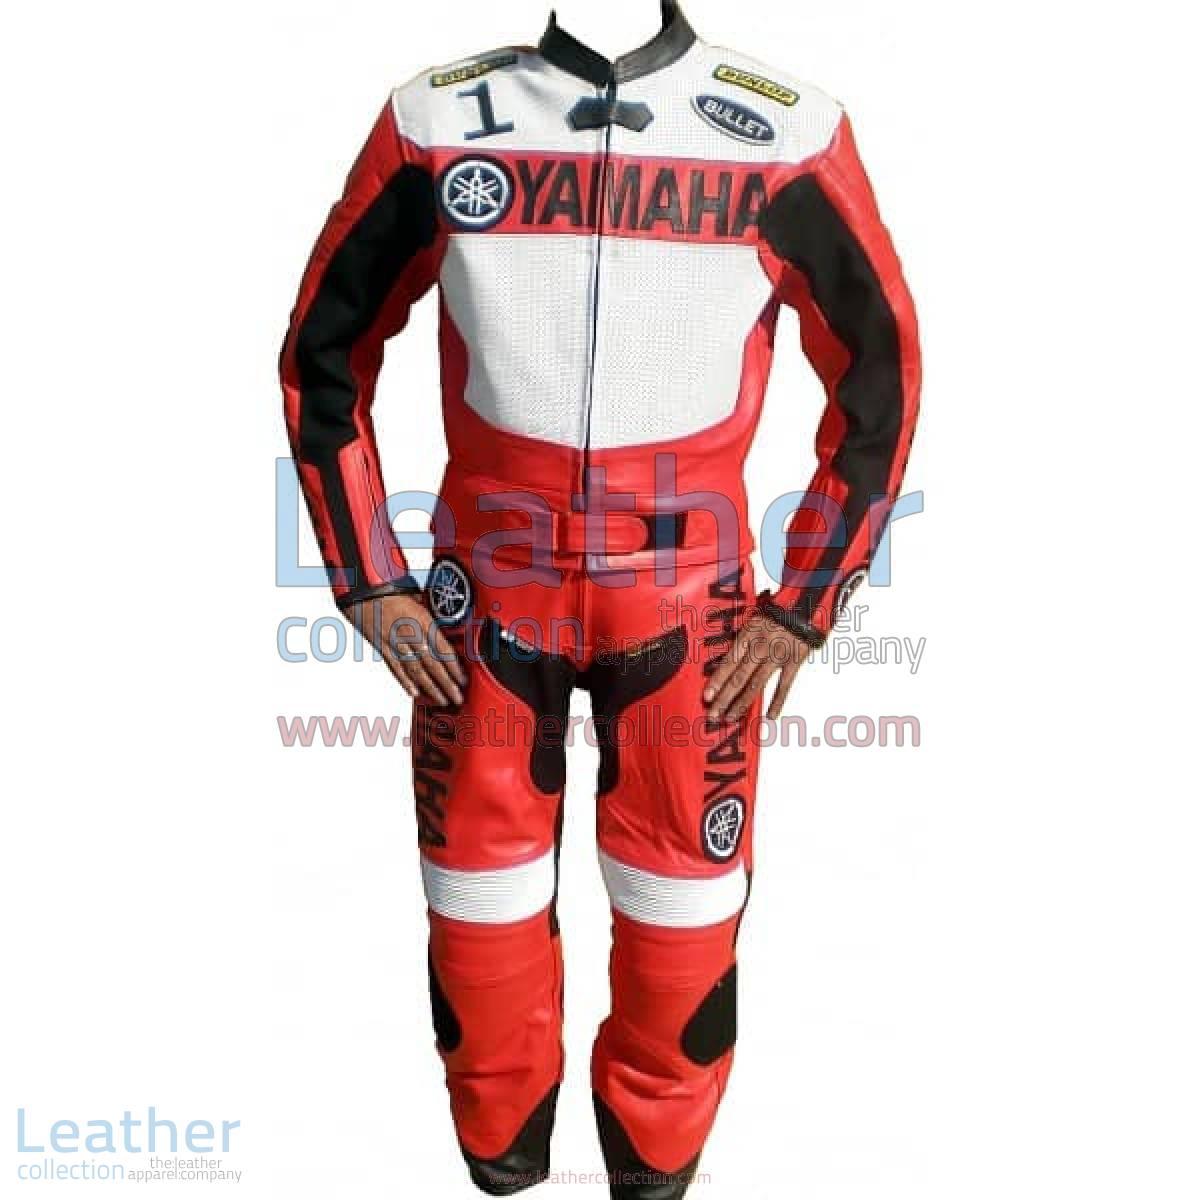 Yamaha Motorbike Leather Suit Red / White | yamaha apparel,yamaha leather suit